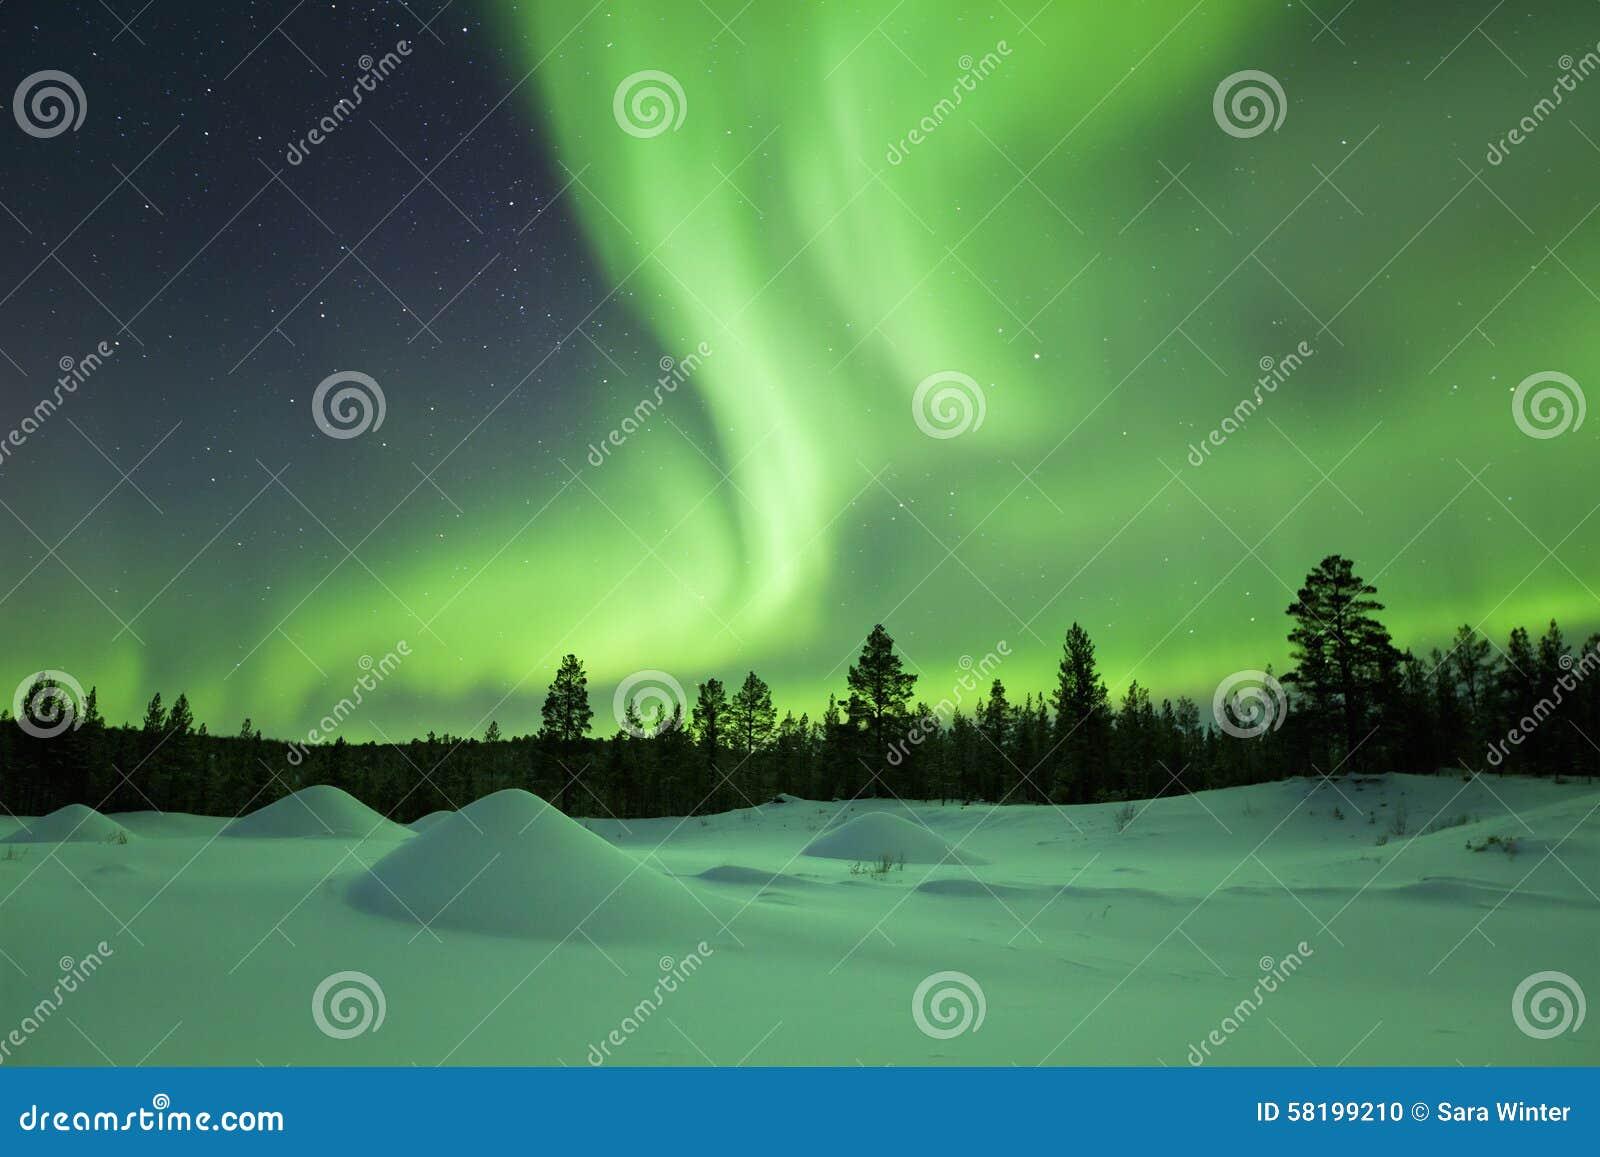 Aurora borealis over winter landscape, Finnish Lapland